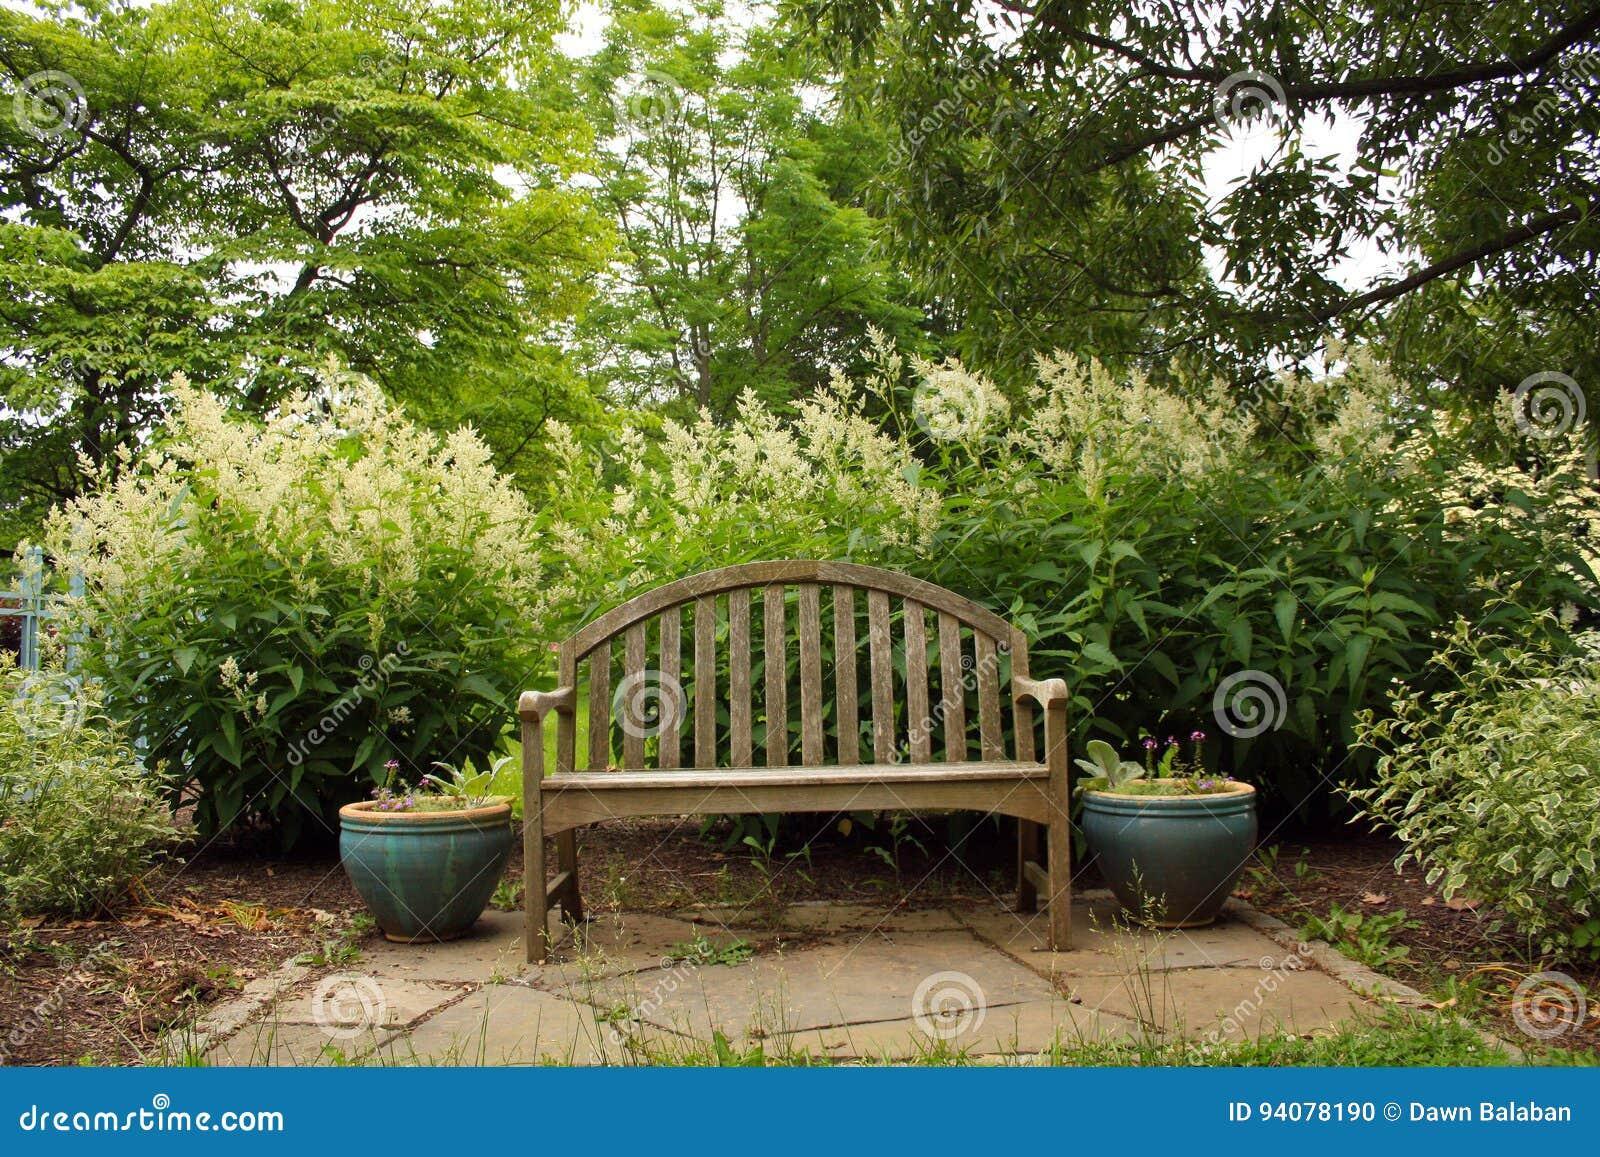 banc de parc en bois photo stock image du fleur bois 94078190. Black Bedroom Furniture Sets. Home Design Ideas